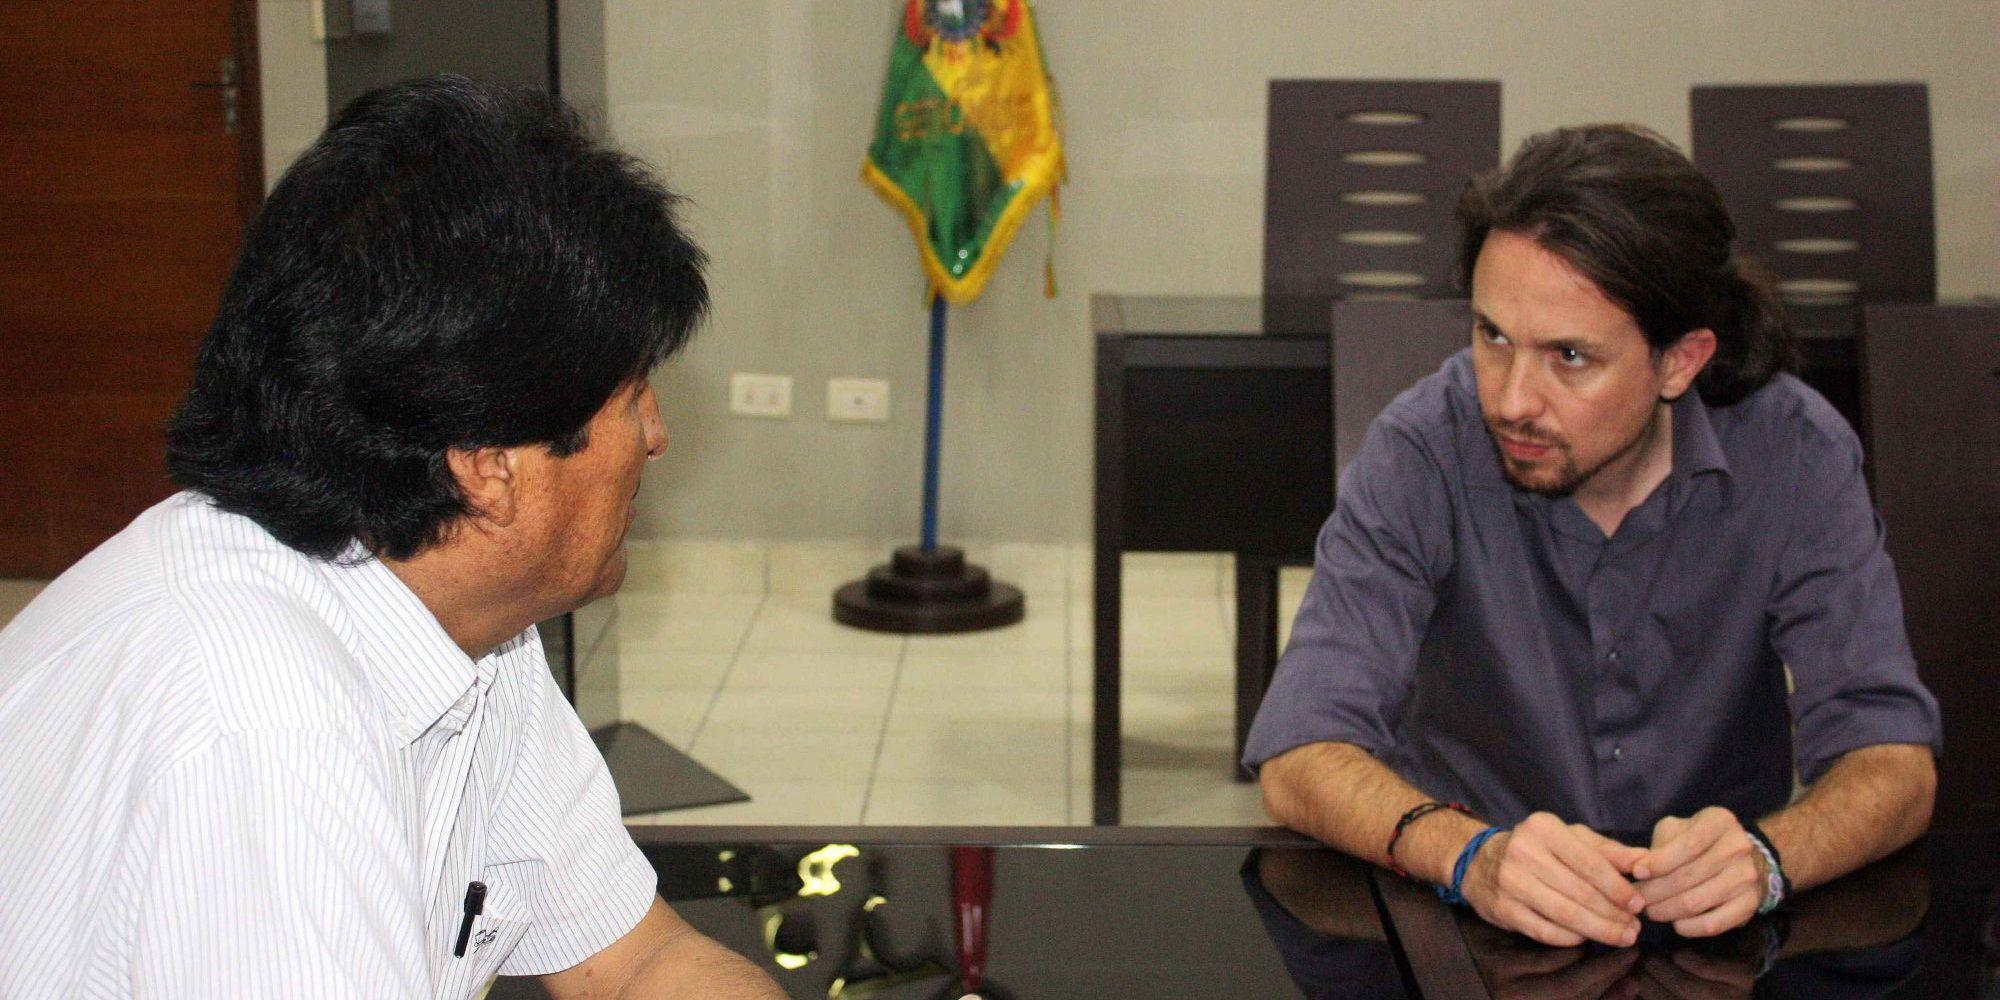 """BOL08. SANTA CRUZ (BOLIVIA), 26/09/2014.- El eurodiputado y líder del partido español Podemos, Pablo Iglesias (d), se reúne con el presidente de Bolivia, Evo Morales (i), en Santa Cruz hoy, viernes 26 de septiembre de 2014. Iglesias inició hoy en Bolivia una gira que le llevará también a Ecuador y Uruguay para conocer de primera mano los modelos económicos soberanistas de estos países que, a su juicio, demuestran que es posible """"hacer las cosas de otra manera"""". EFE/ABI/SOLO USO EDITORIAL"""